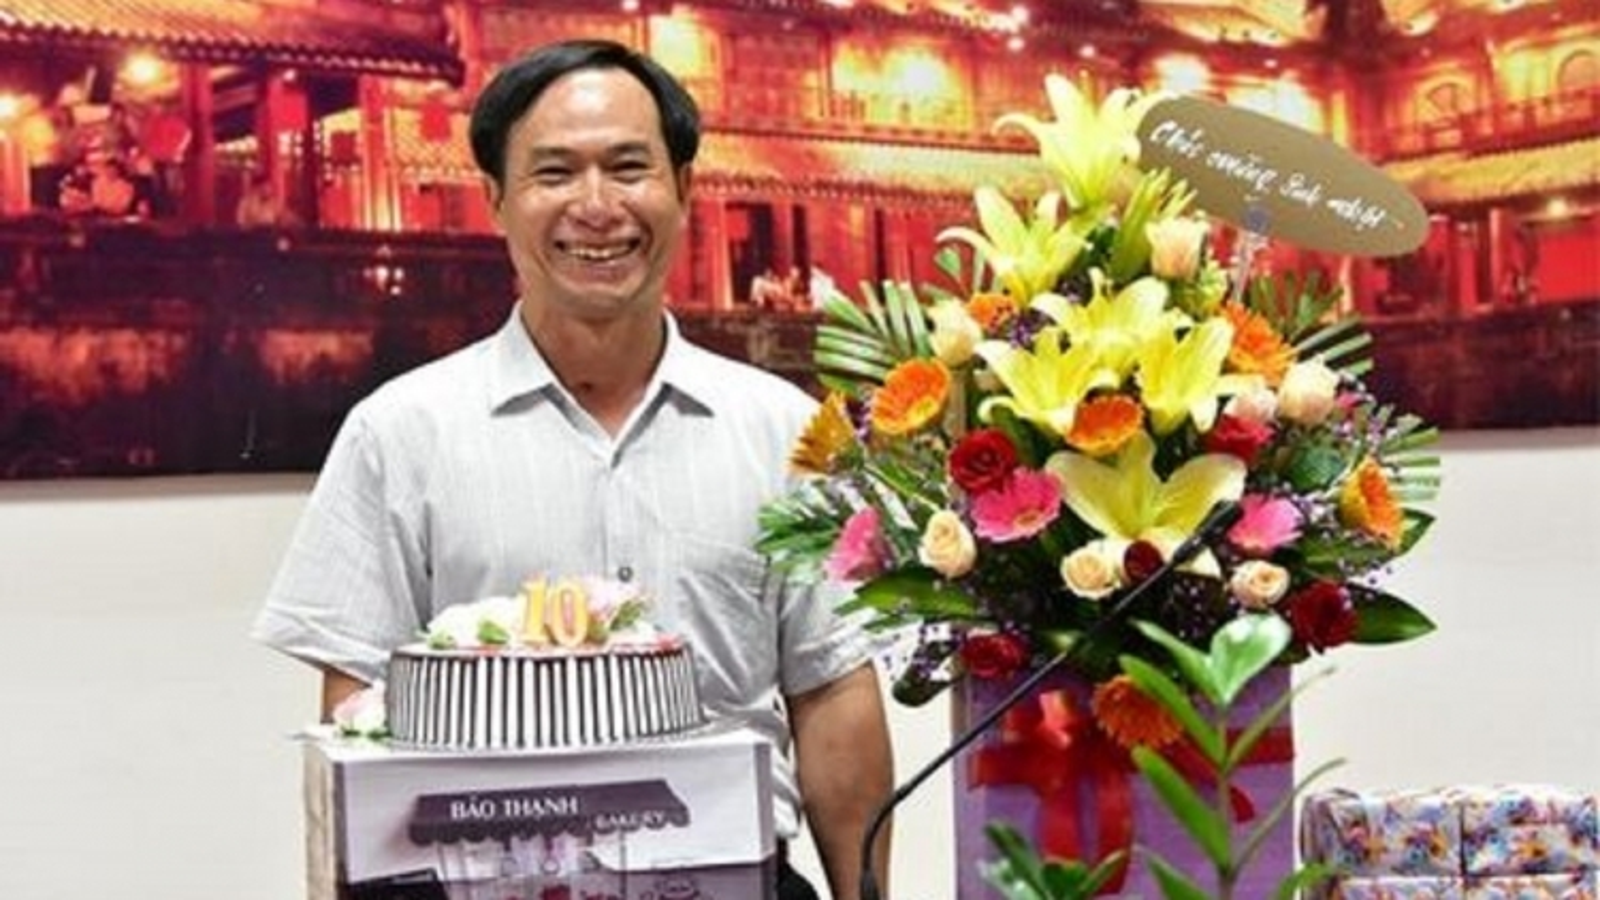 Tấm thiệp sinh nhật cuối cùng lặng lẽ tiễn đưa liệt sĩ, nhà báo Phạm Văn Hướng